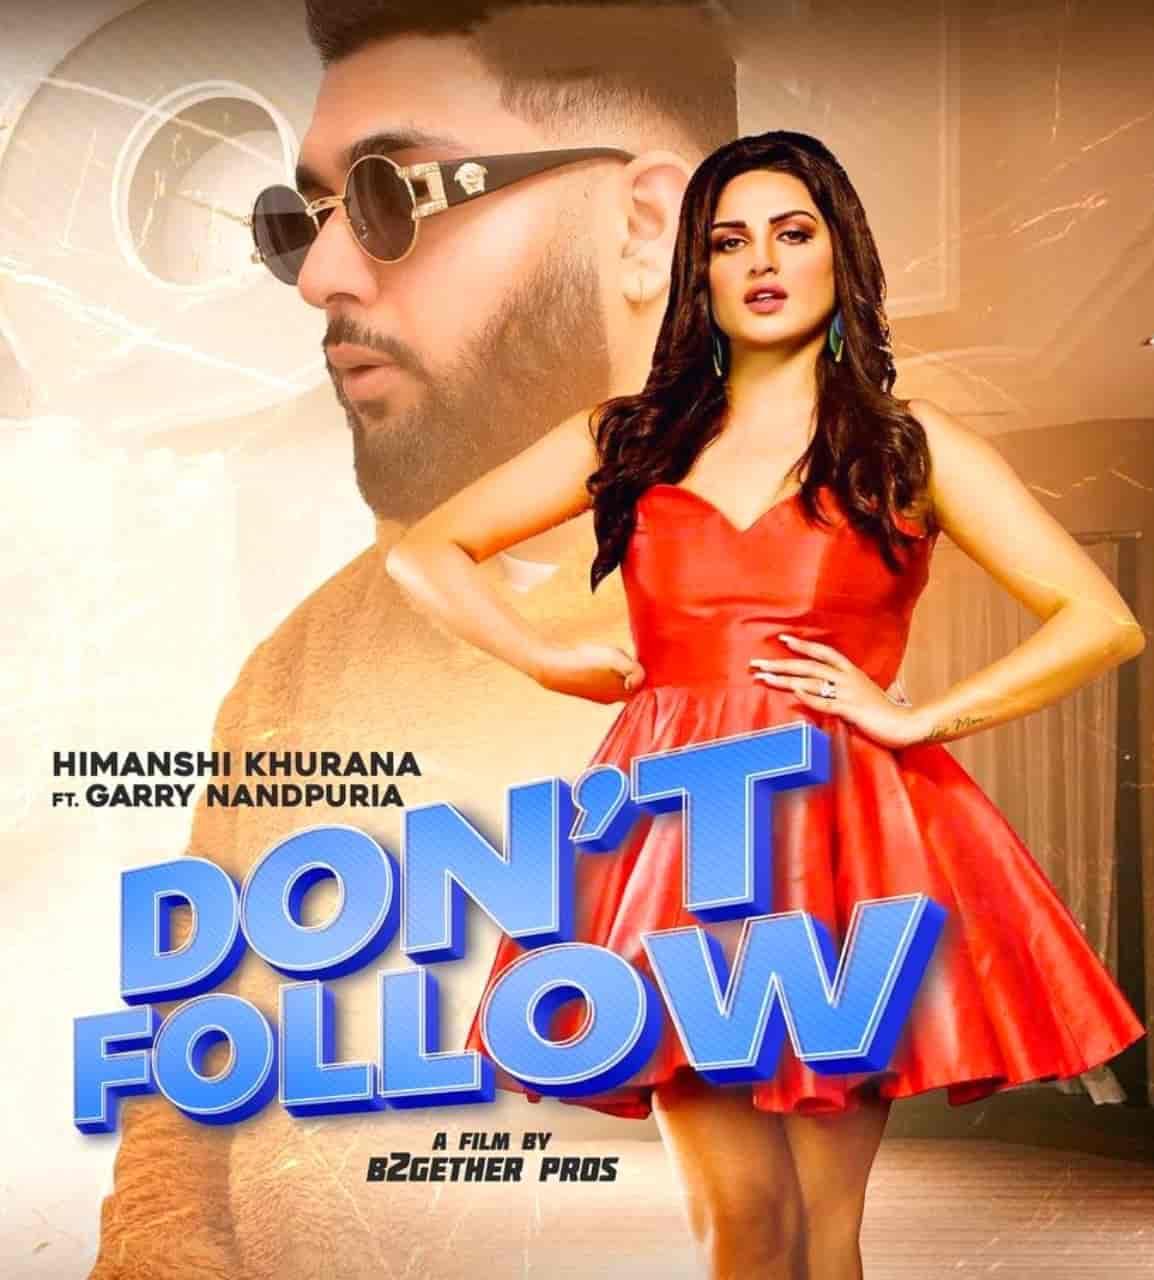 Don't Follow Punjabi Song Image Features Himanshi Khurana